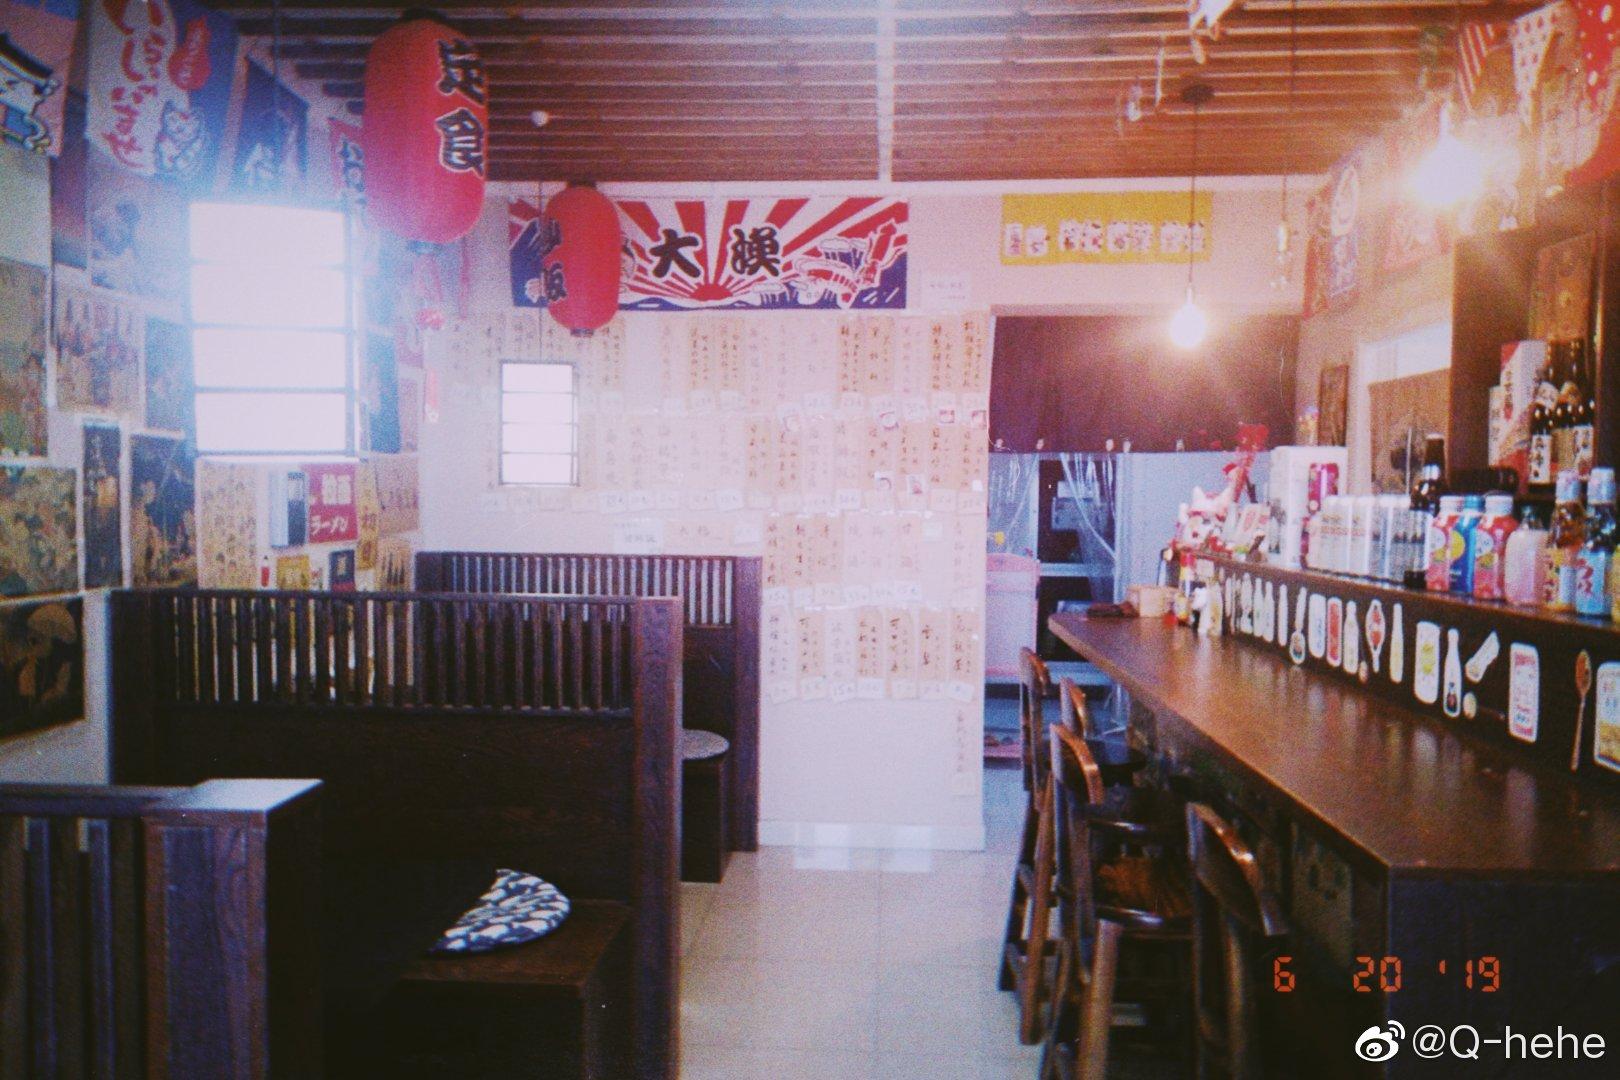 一整面墙都是菜单哦,一进门满满的都是日式风格的装潢,很适合胶片风的相机拍照。